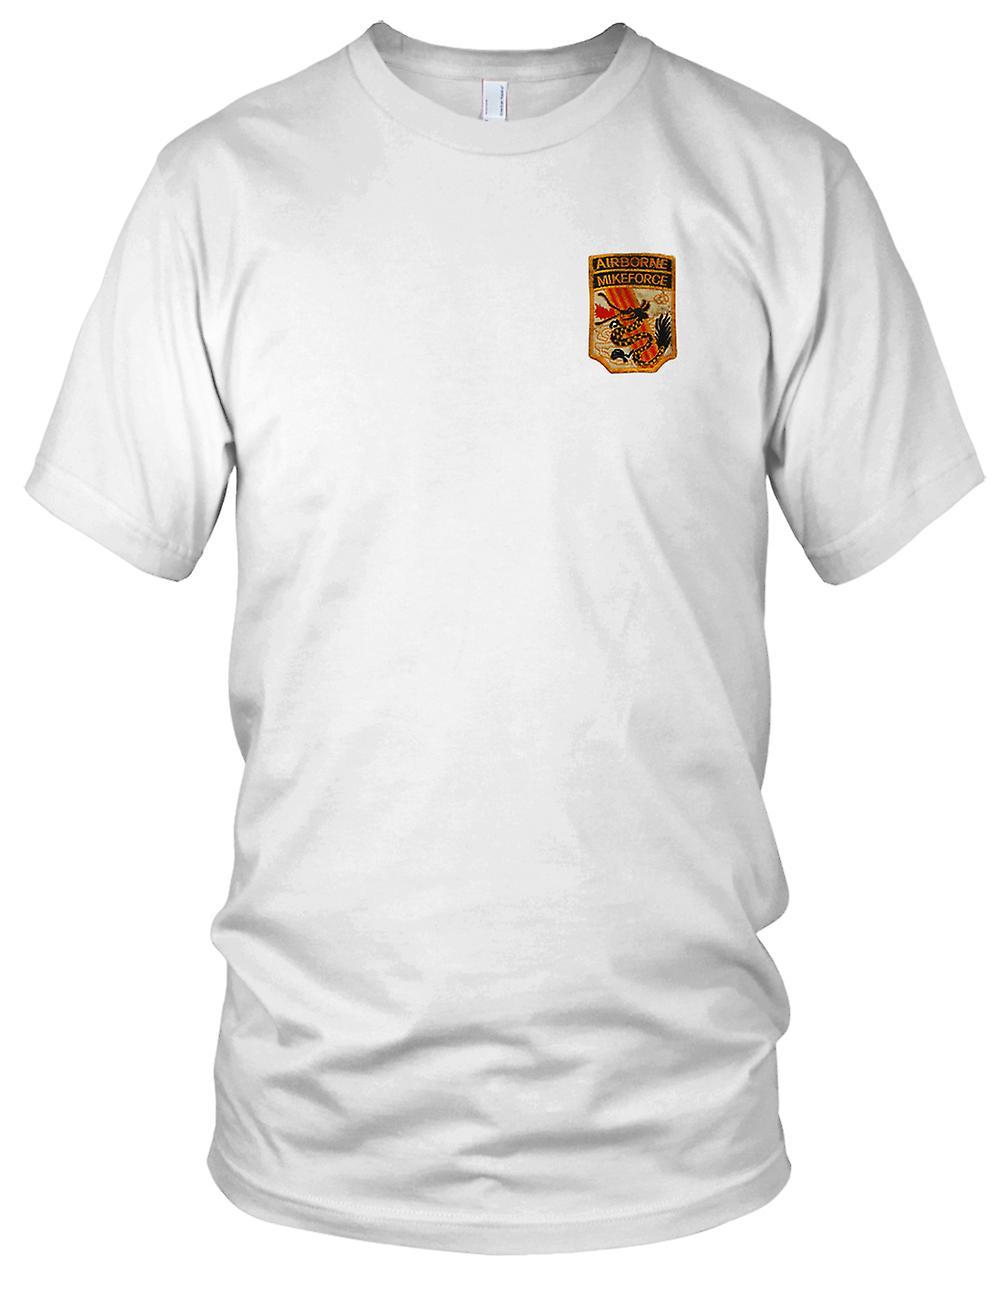 In der Luft MIKEFORCE - Schwarzer Drache gestickt Patch--ARVN AVBP MACV-SOG Vietnamkrieg gestickt Patch - Kinder T Shirt